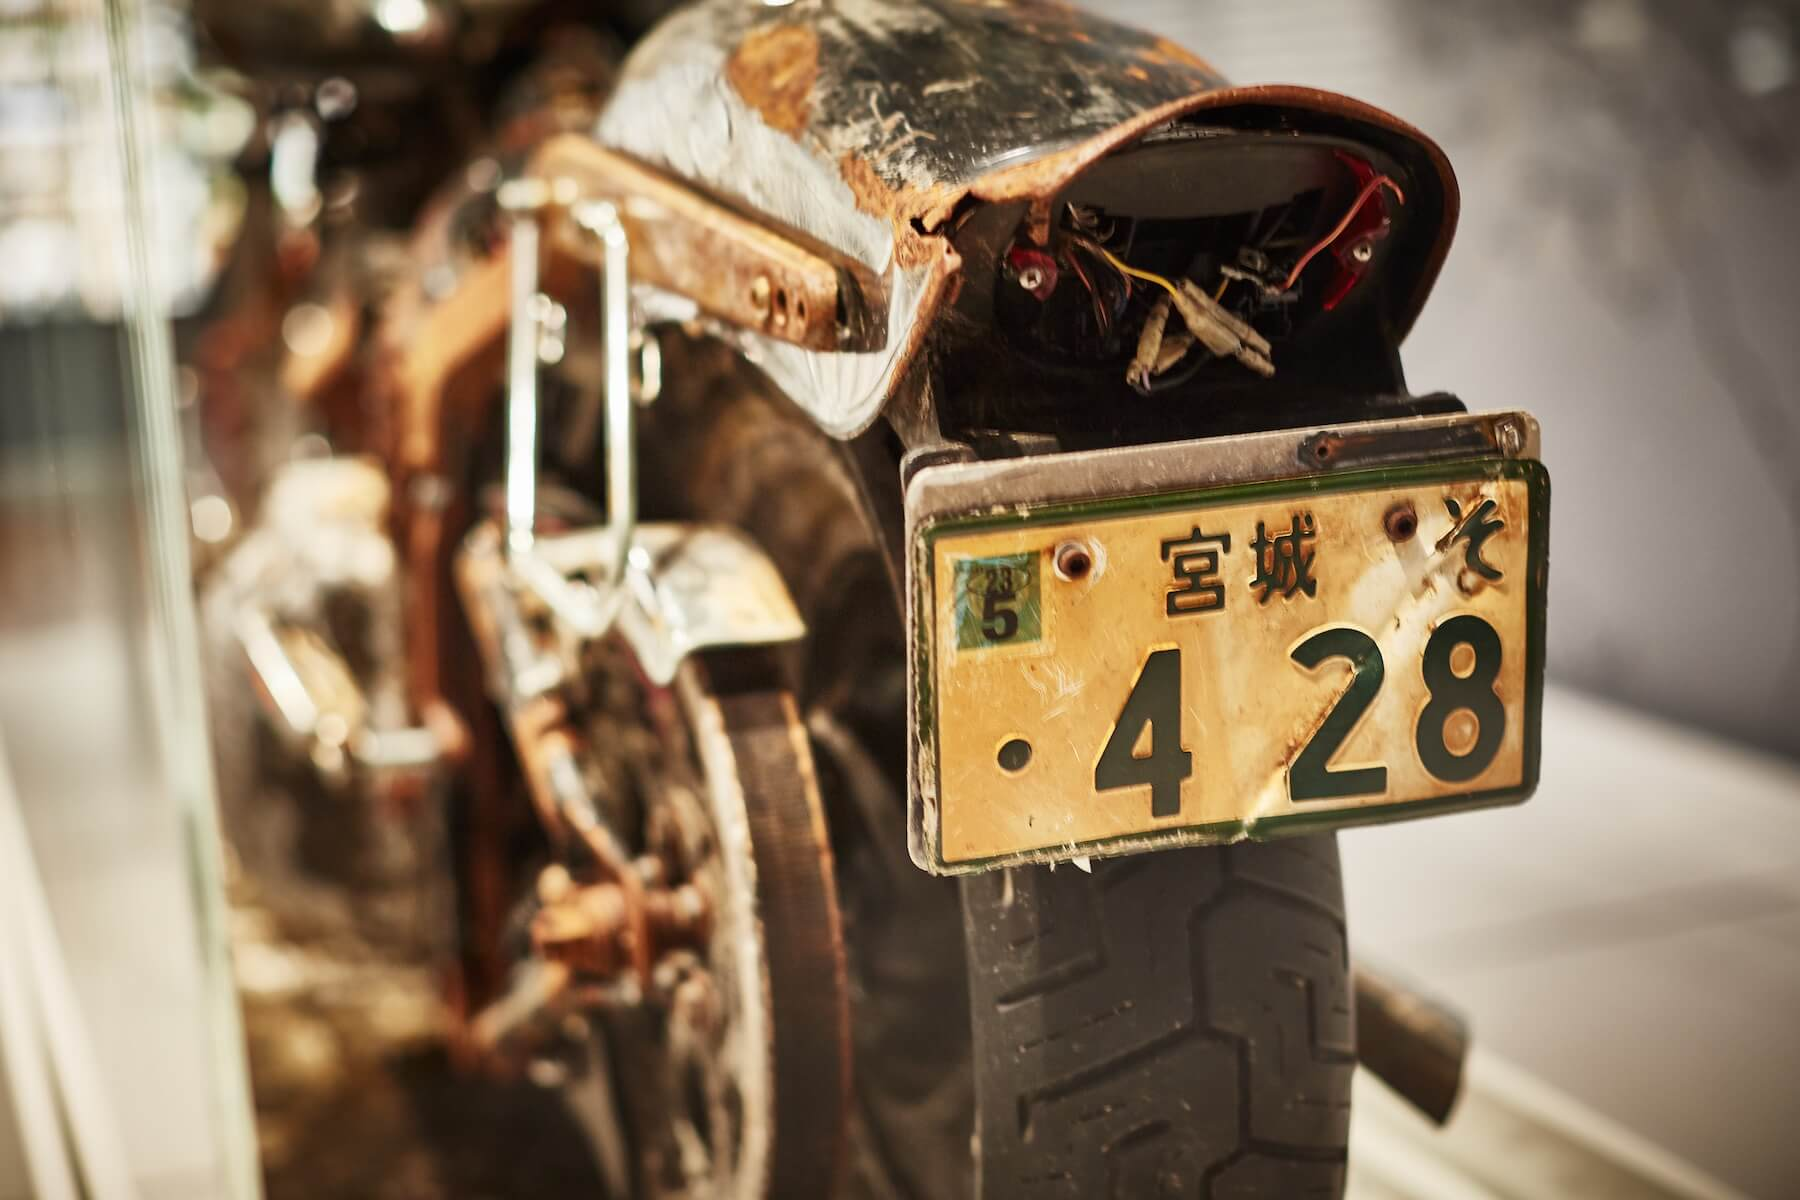 3.11を世界に伝える奇跡の「TSUNAMIハーレー」、ピース綾部のインタビューレポートが『FREEDOM MAGAZINE』で公開 culture210311_Harley-Davidson-07